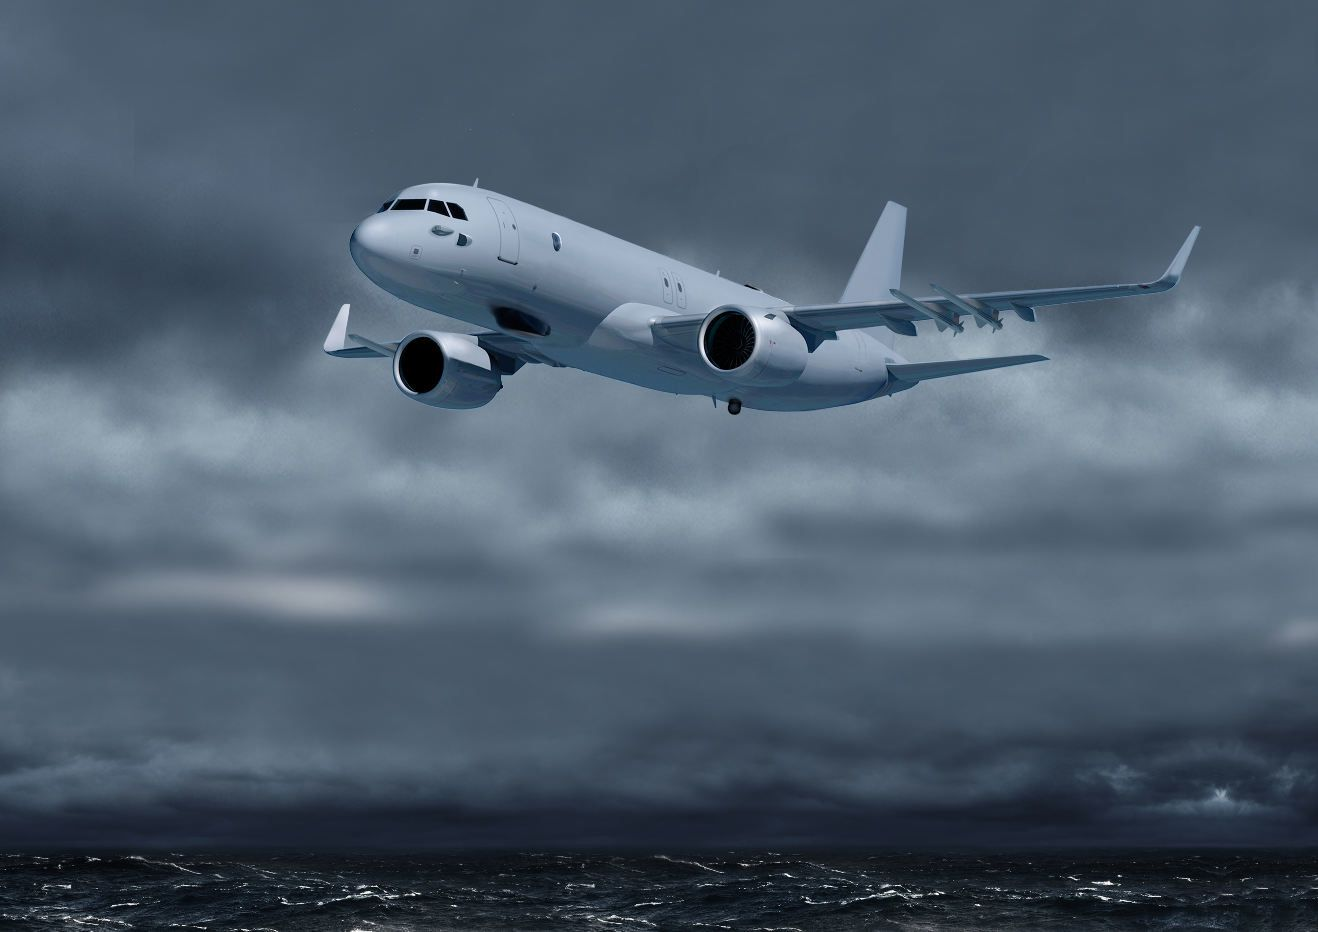 © Airbus - L'A320neo ici imaginé dans sa version de patrouille maritime (image de synthèse).